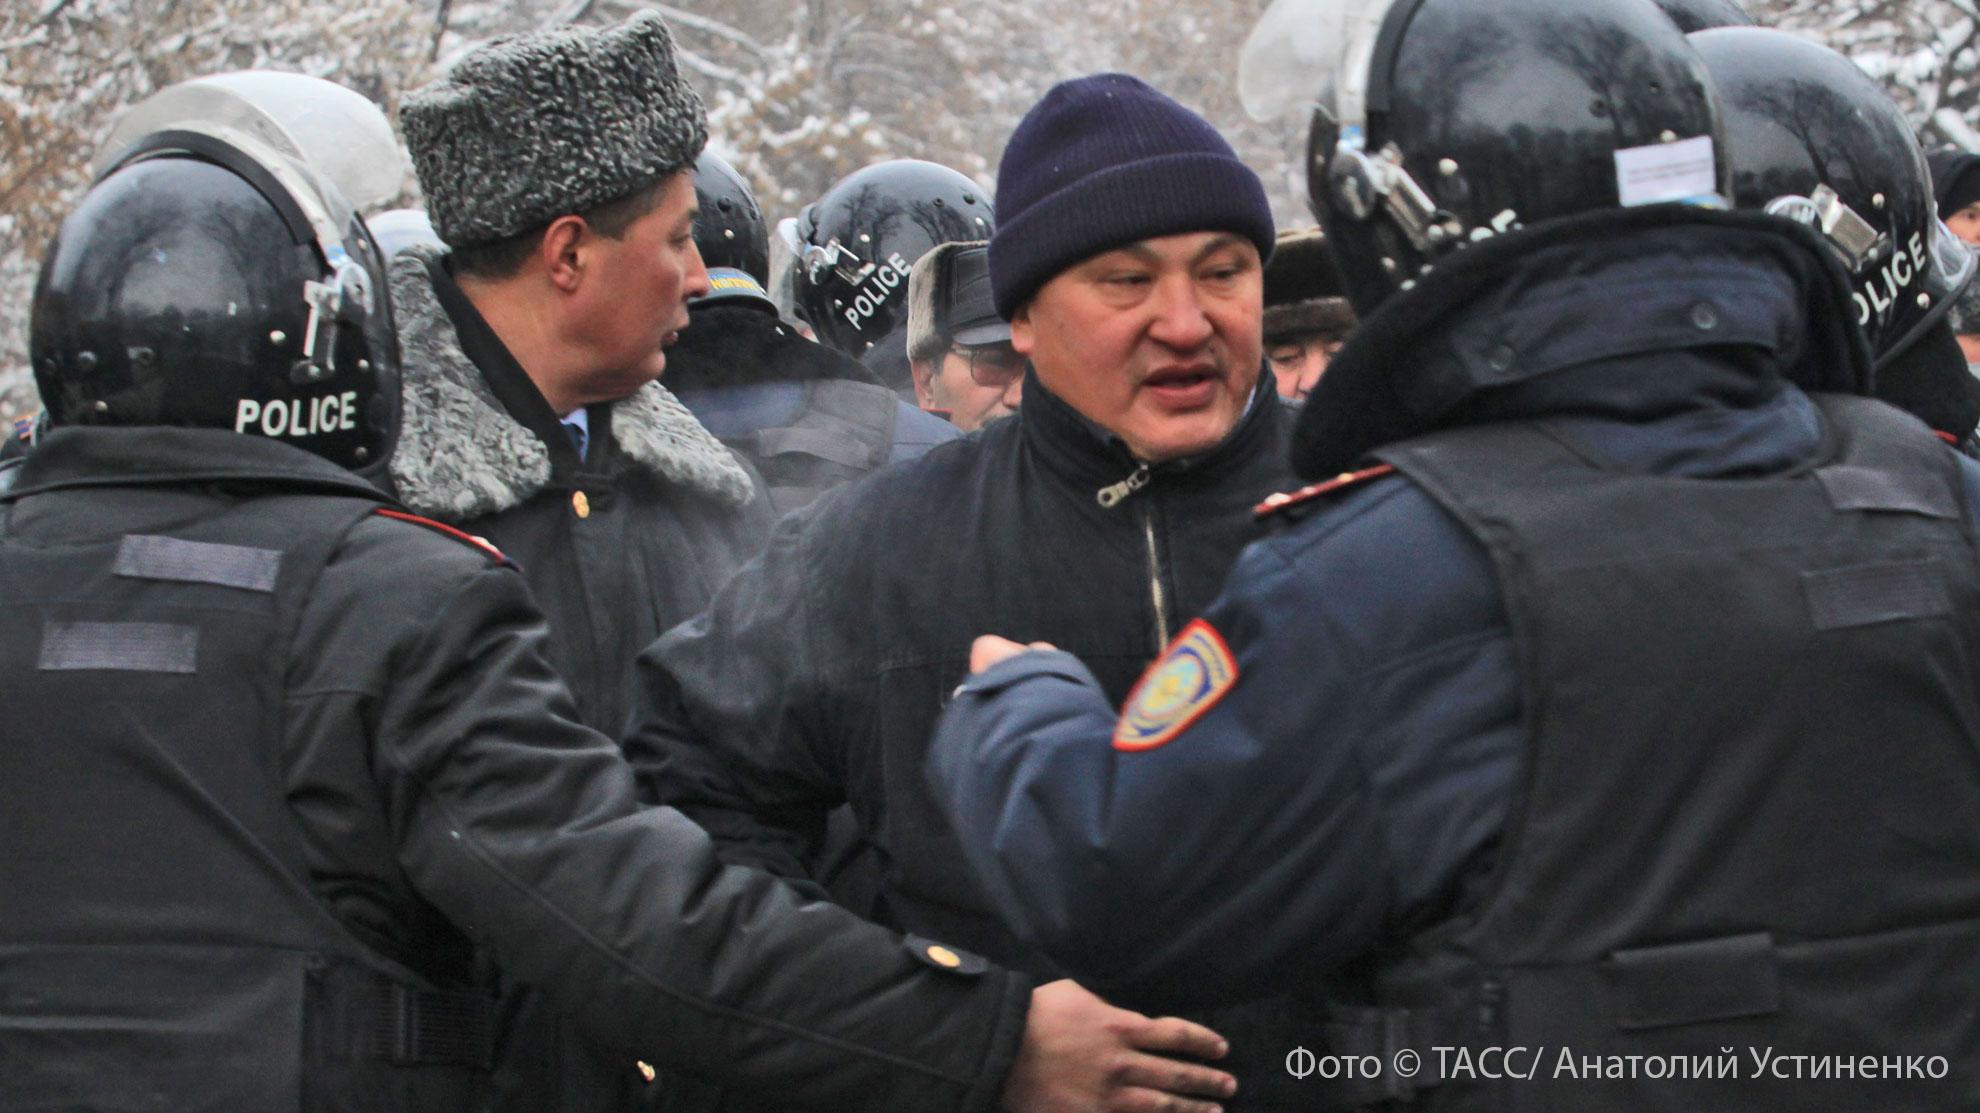 Этнические чистки или бытовой конфликт: что произошло в поселении дунган на юге Казахстана